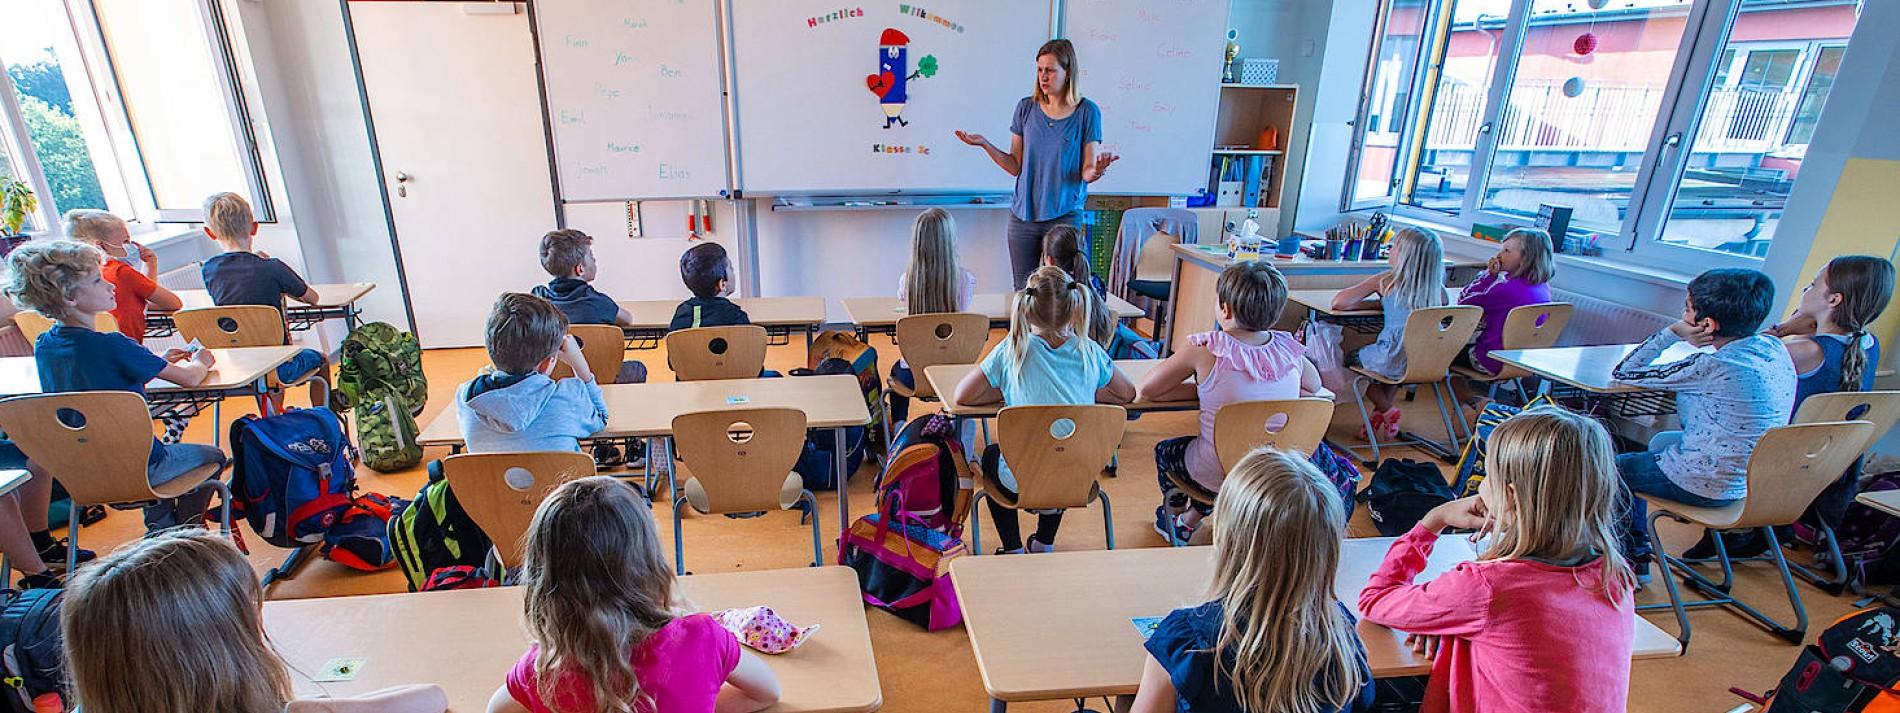 Leopoldina verlangt klare Konzepte für den Schulbeginn